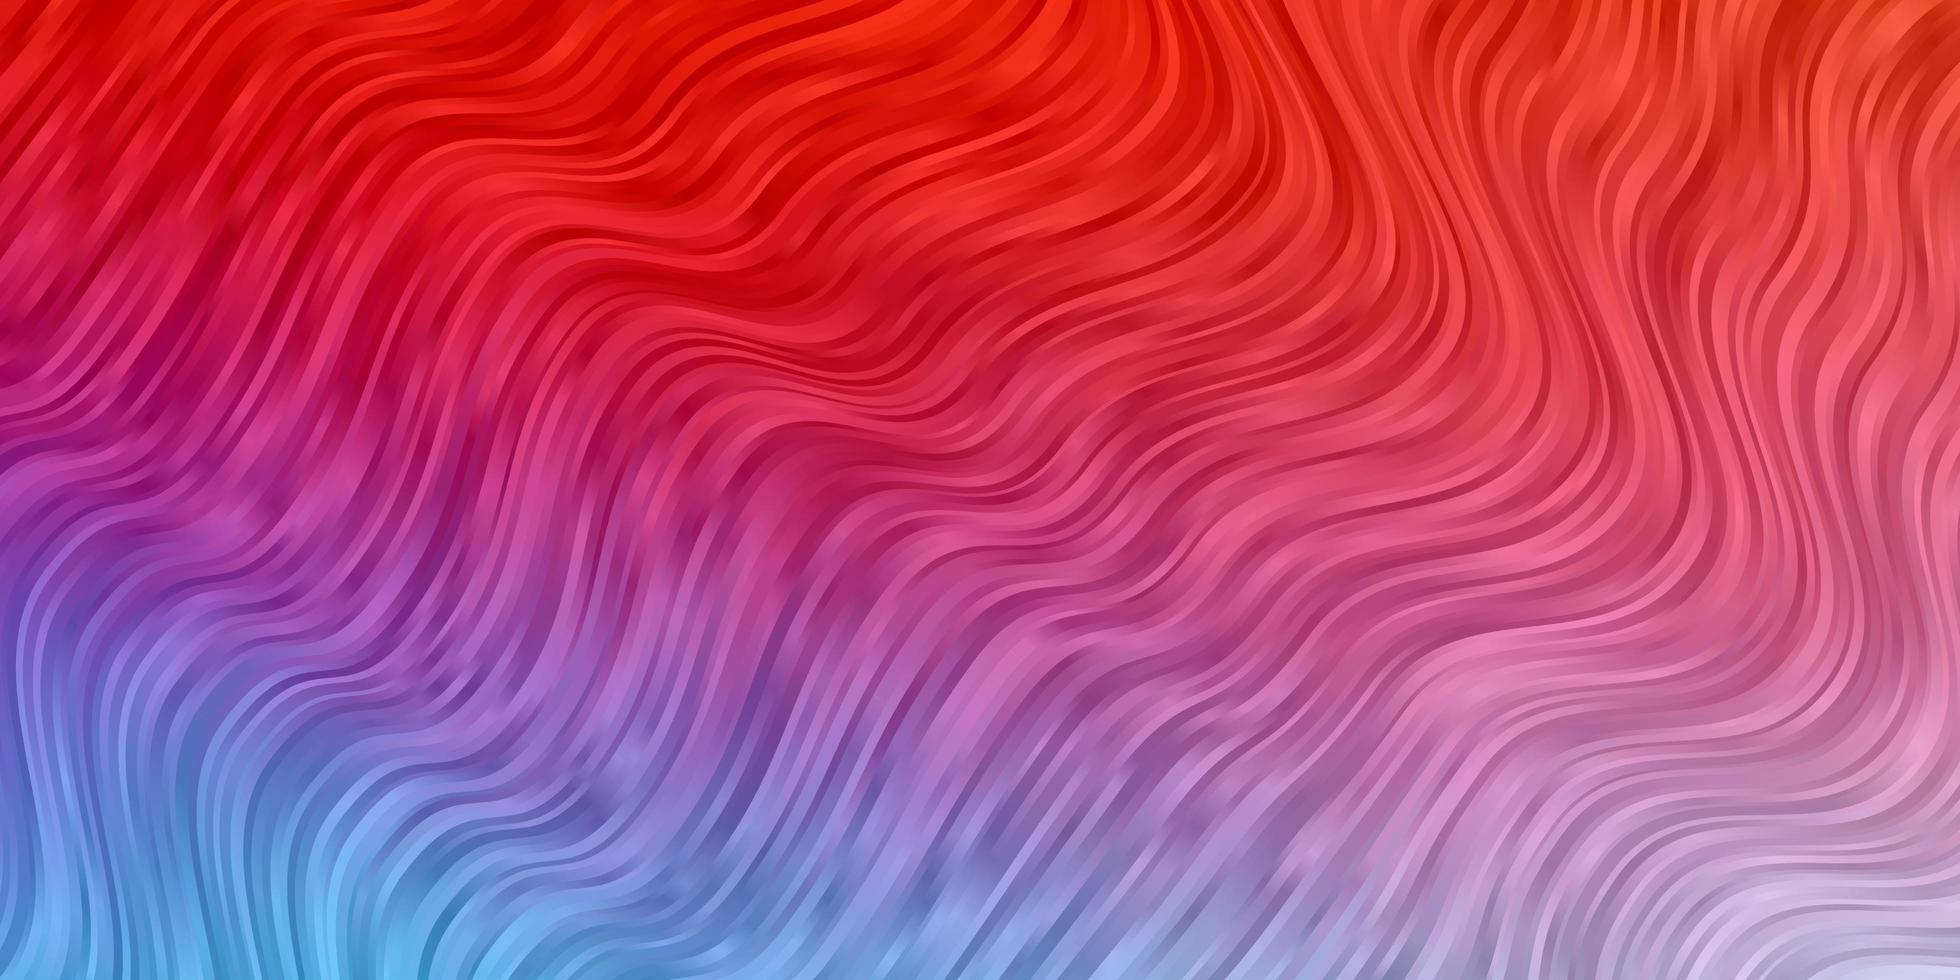 fond bleu et rouge avec des lignes pliées. vecteur